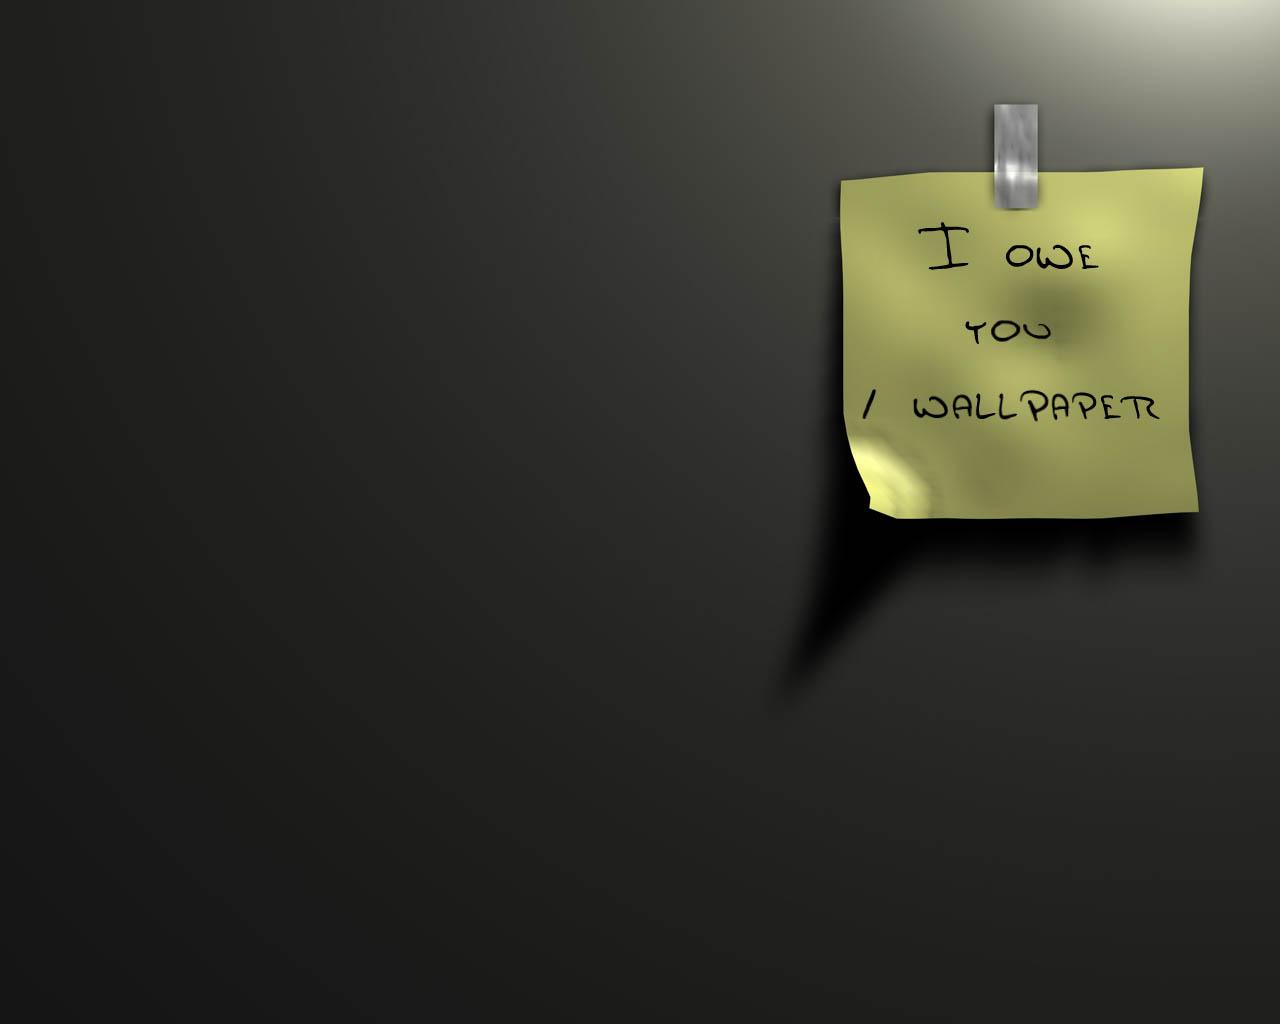 Funny Desktops Backgrounds   Picseriocom 1280x1024